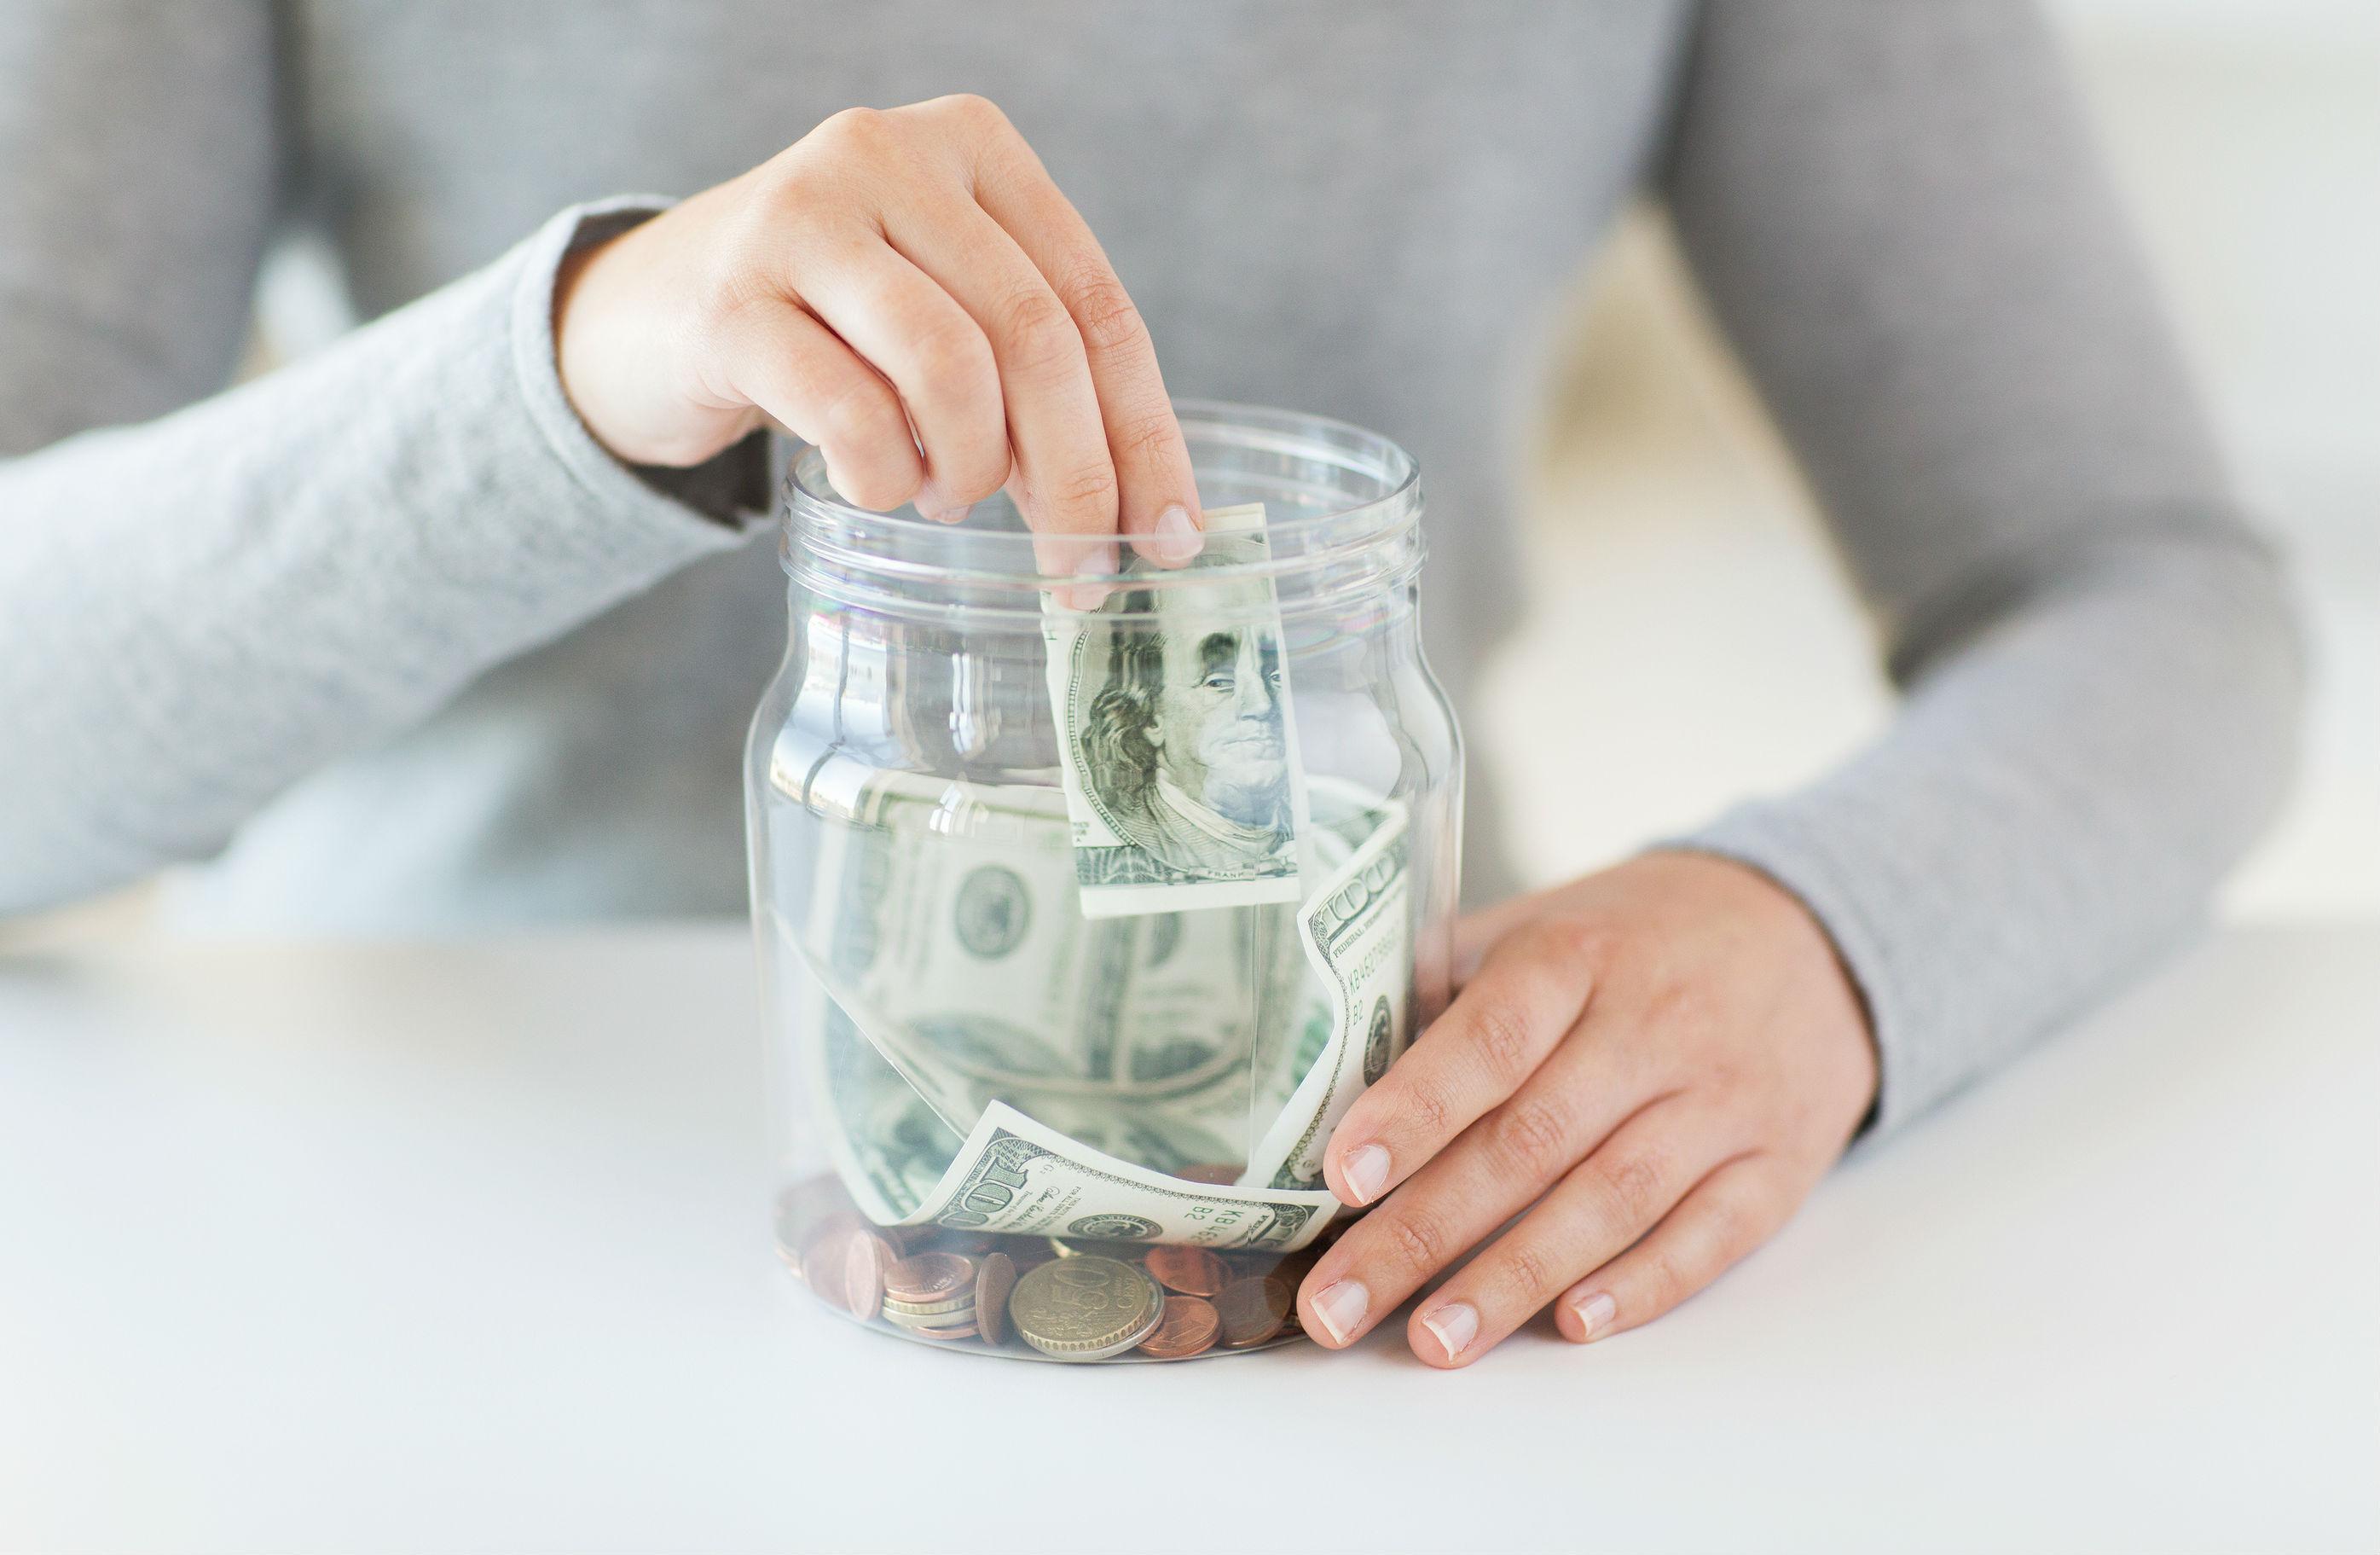 Cách tiết kiệm tiền hiệu quả